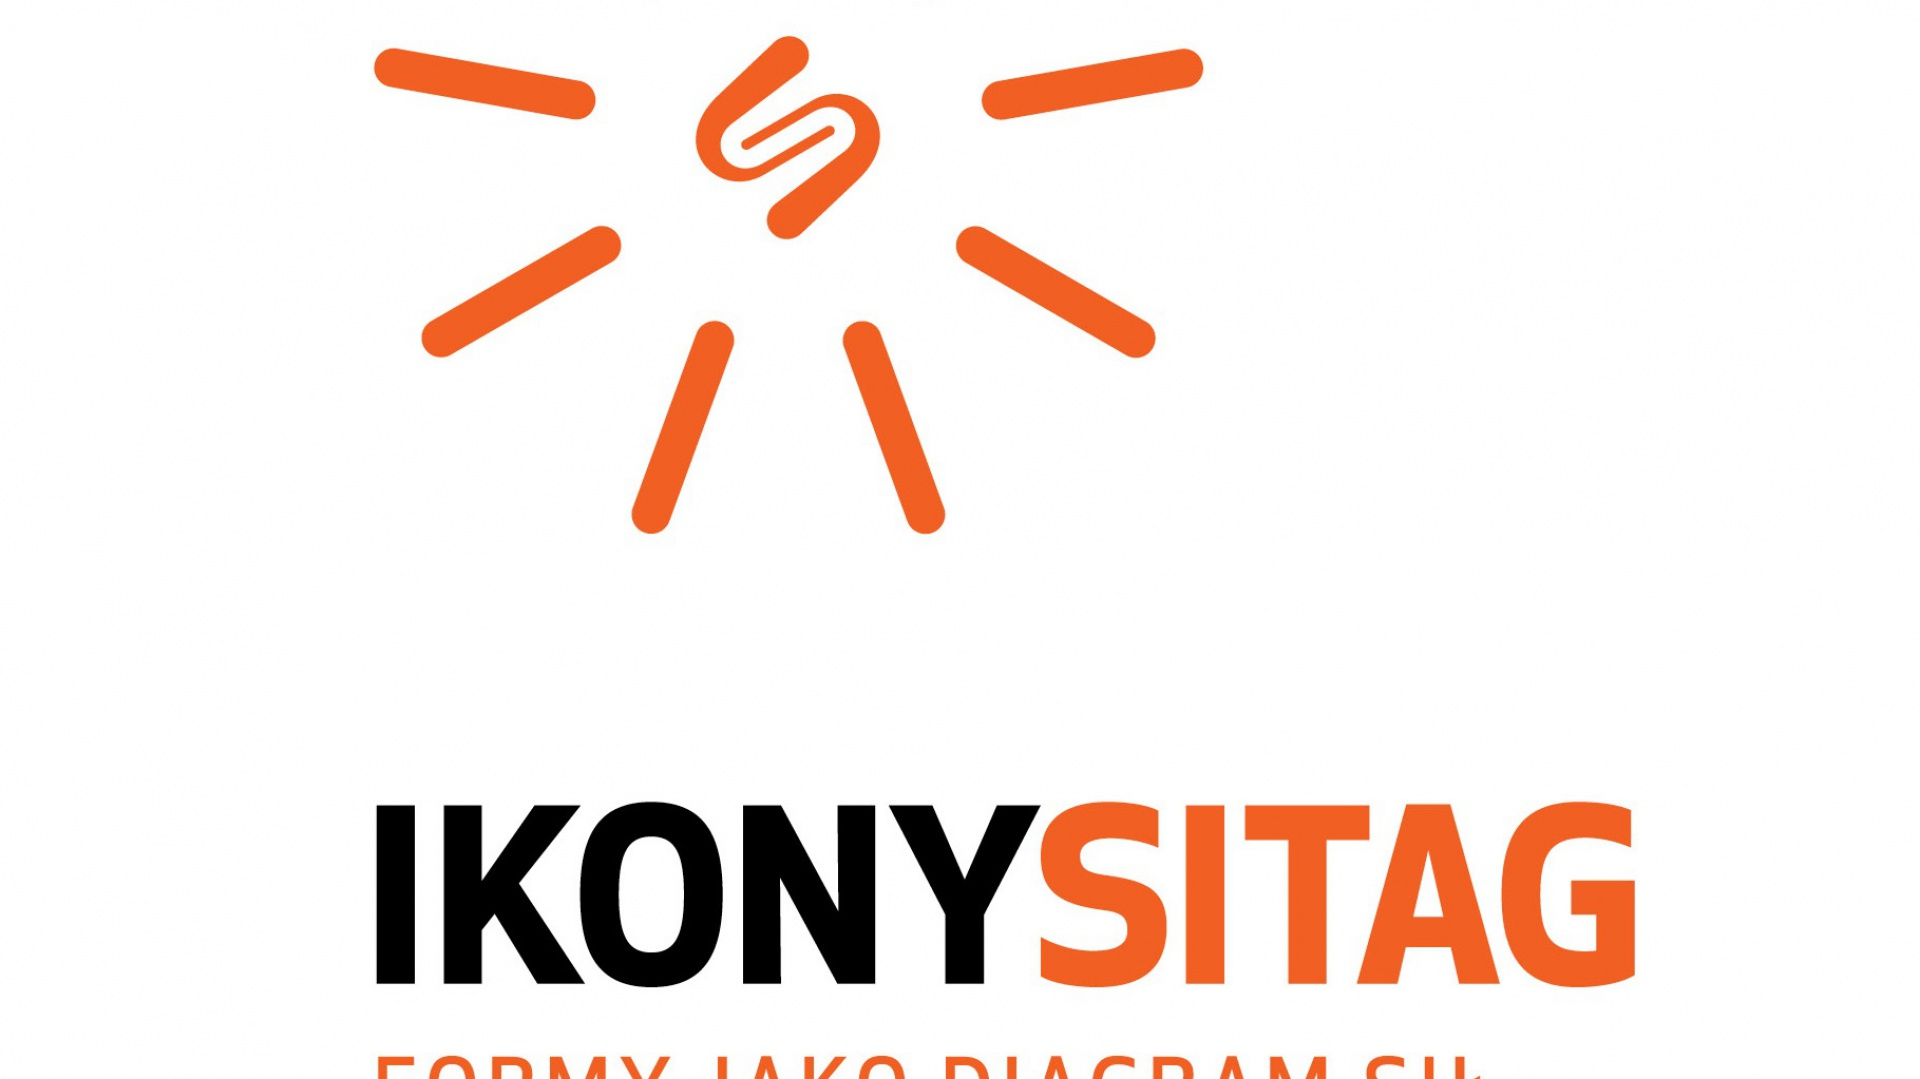 Organizatorem panelu dyskusyjnego nt. autentyczności projektów jest m.in. firma Sitag Formy Siedzenia, jednocześnie organizator kampanii \